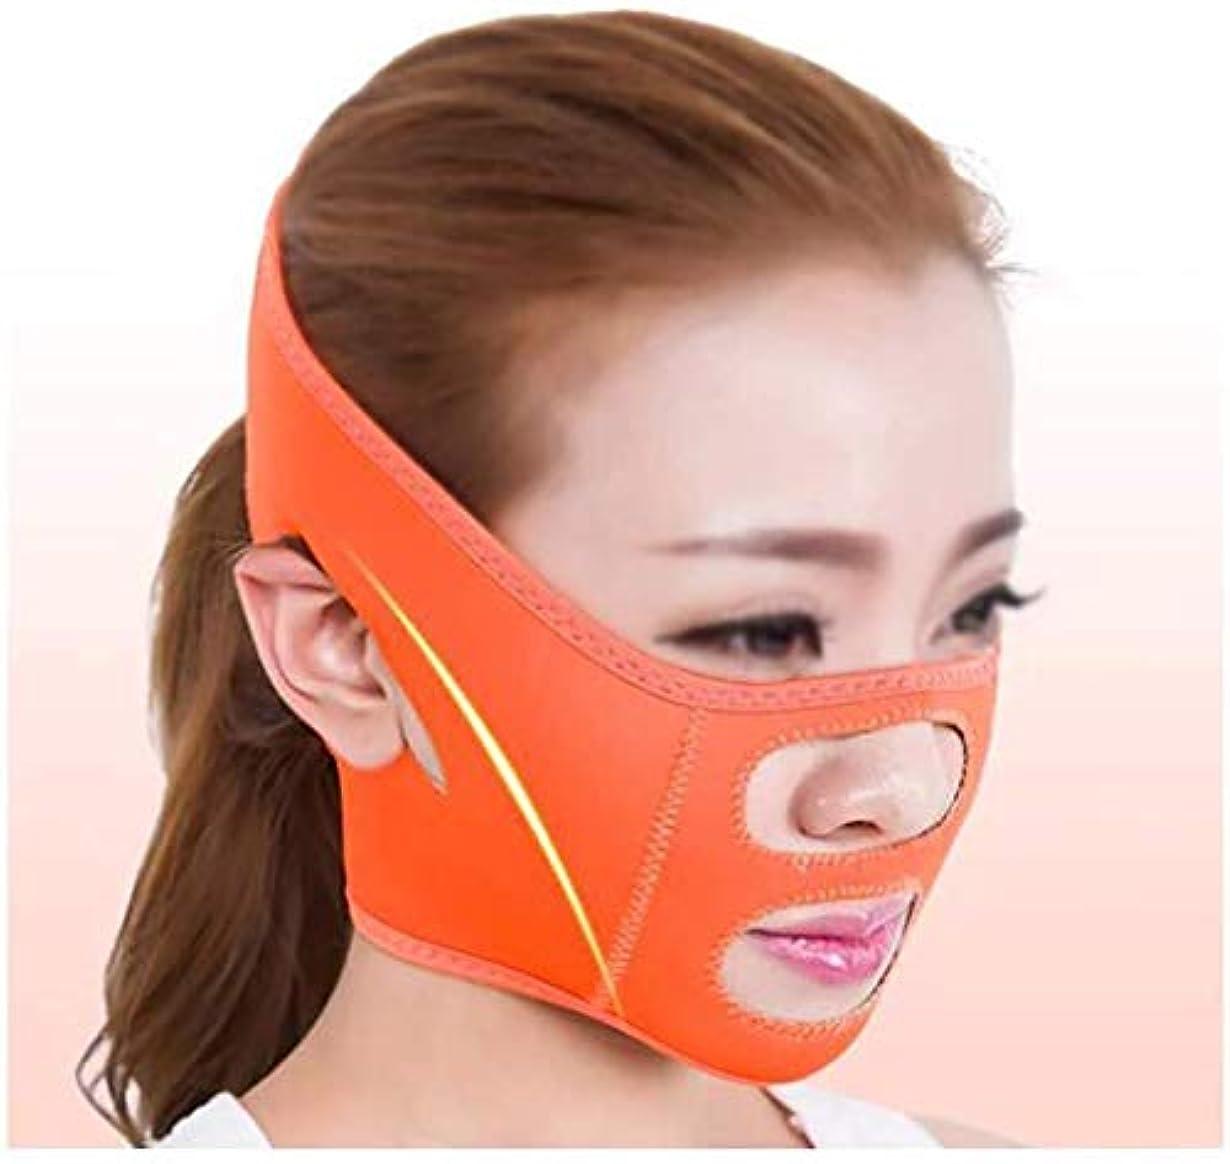 前売おデクリメント美容と実用的なファーミングフェイスマスク、術後リフティングマスクホーム包帯シェーキングネットワーク赤女性Vフェイスステッカーストラップ楽器フェイスアーティファクト(色:オレンジ)